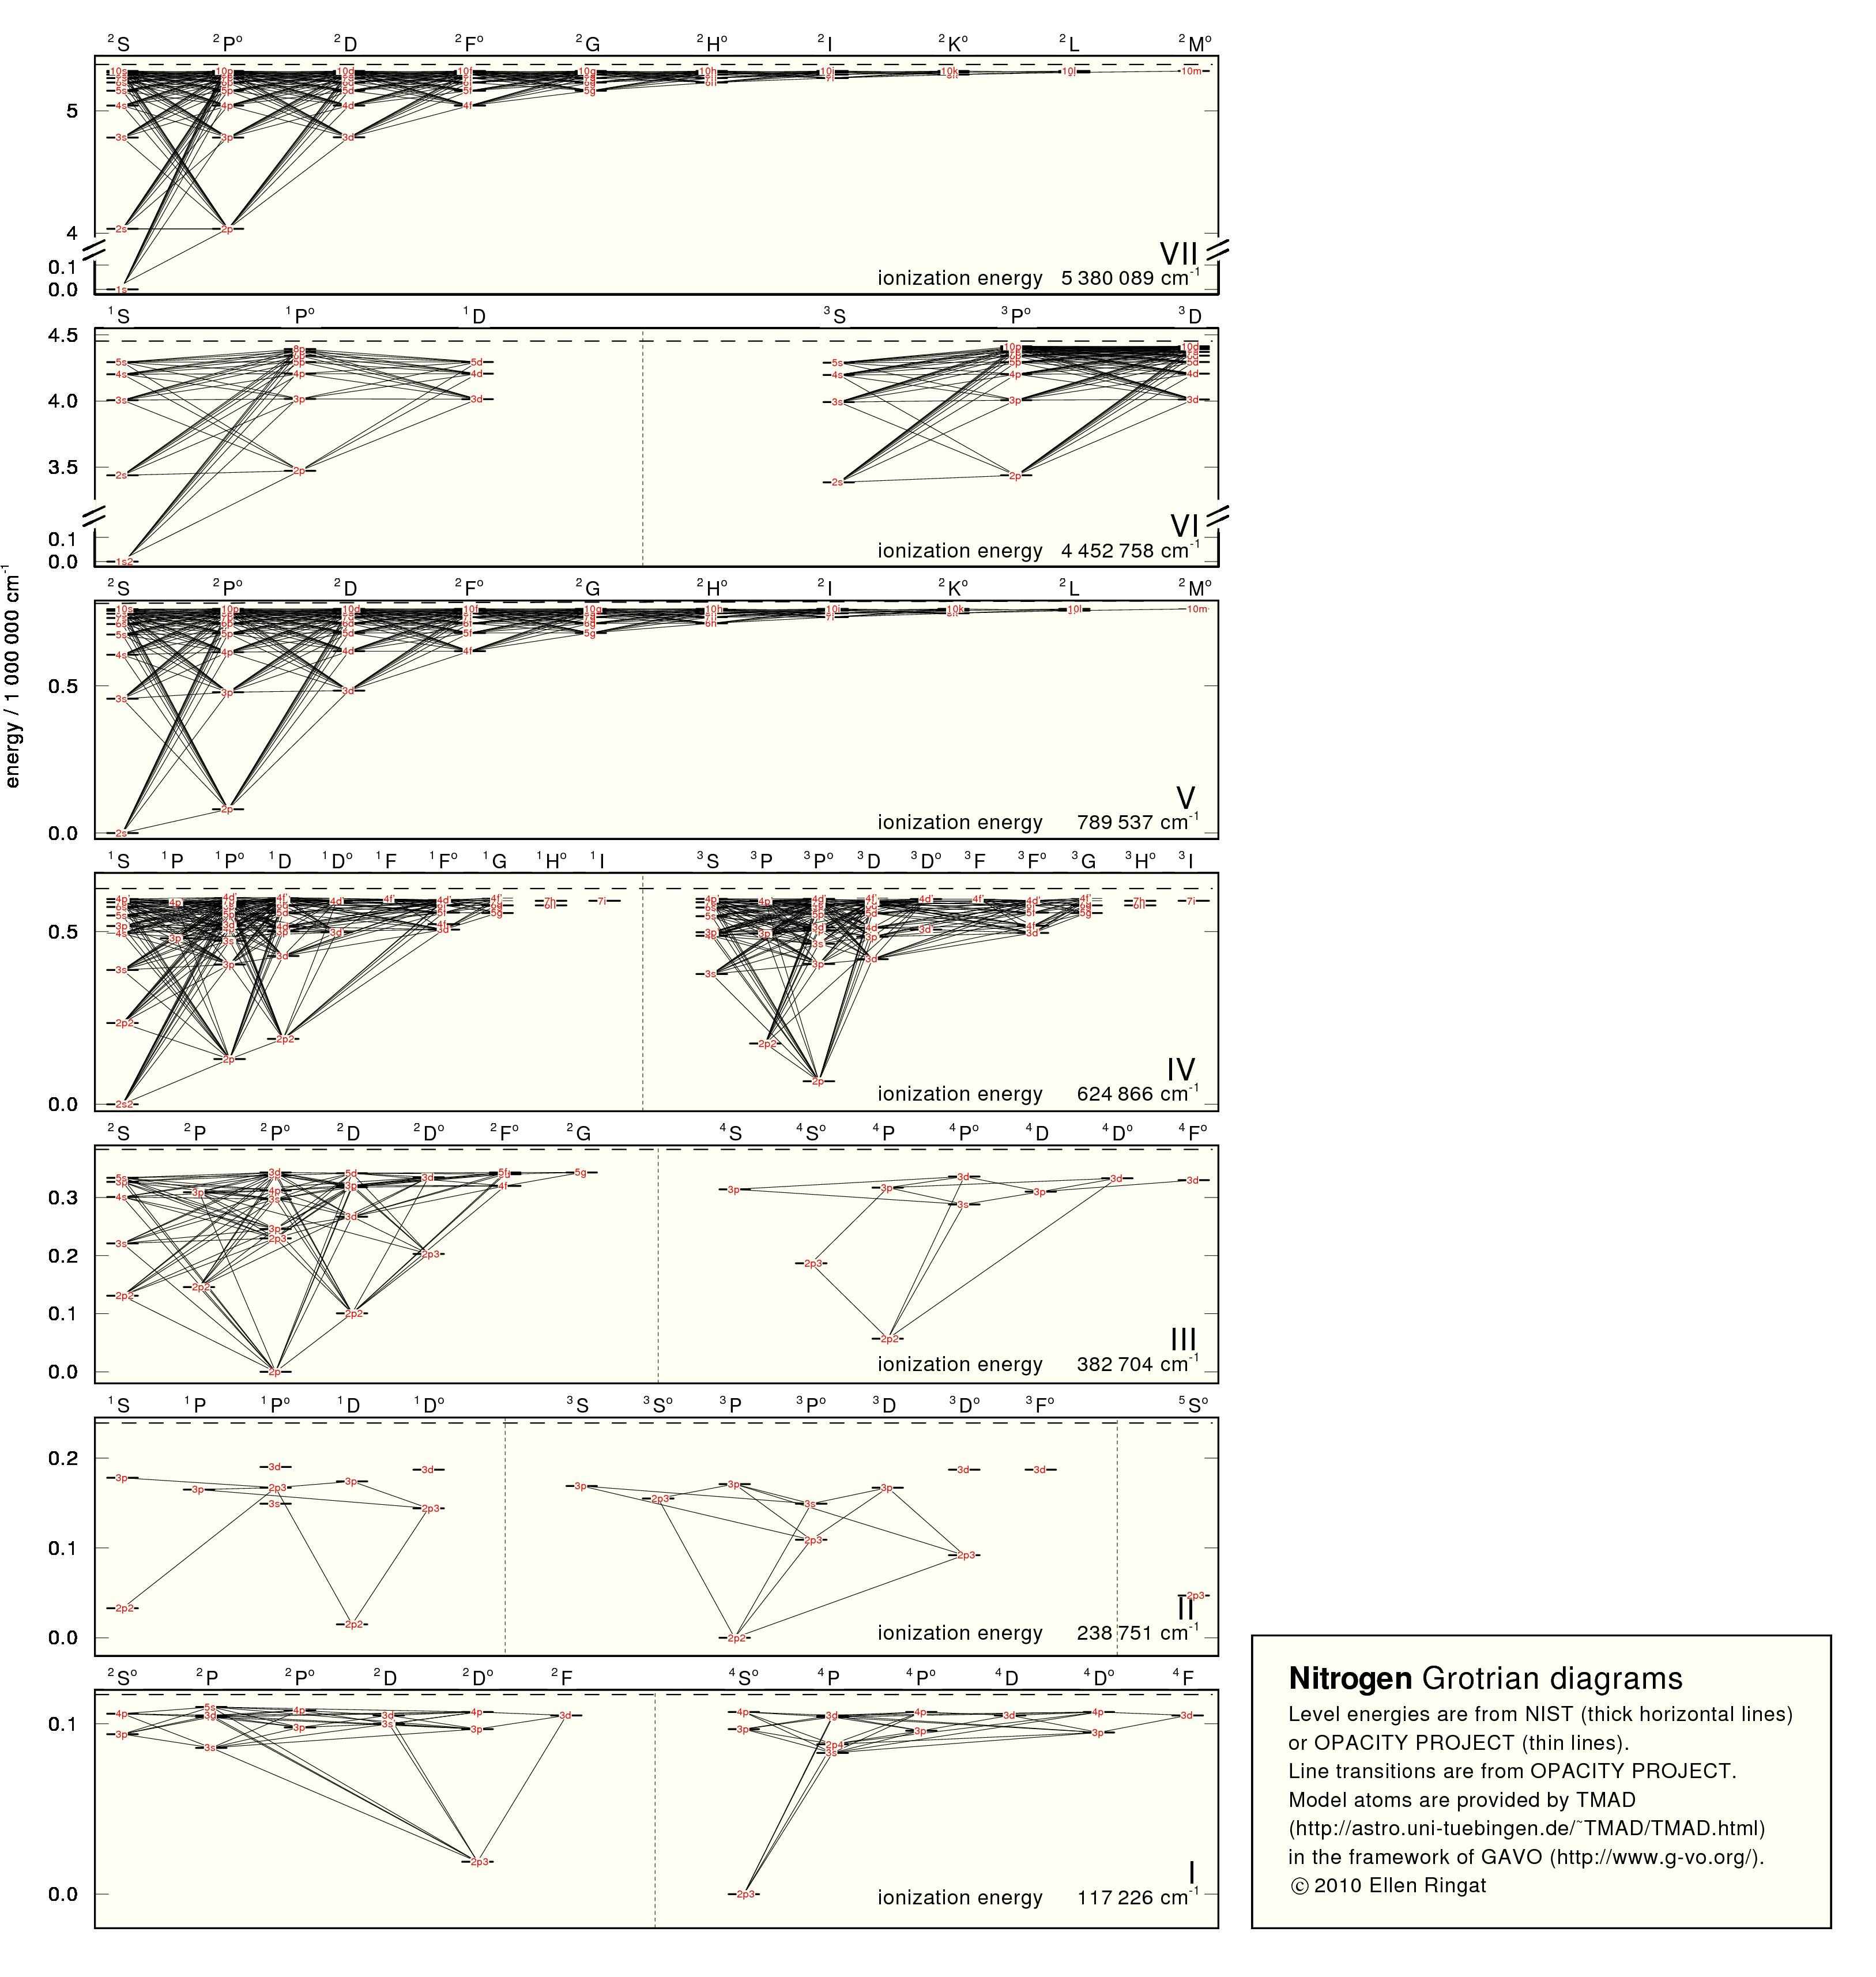 GAVO   TMAD  T  bingen ModelAtom Database